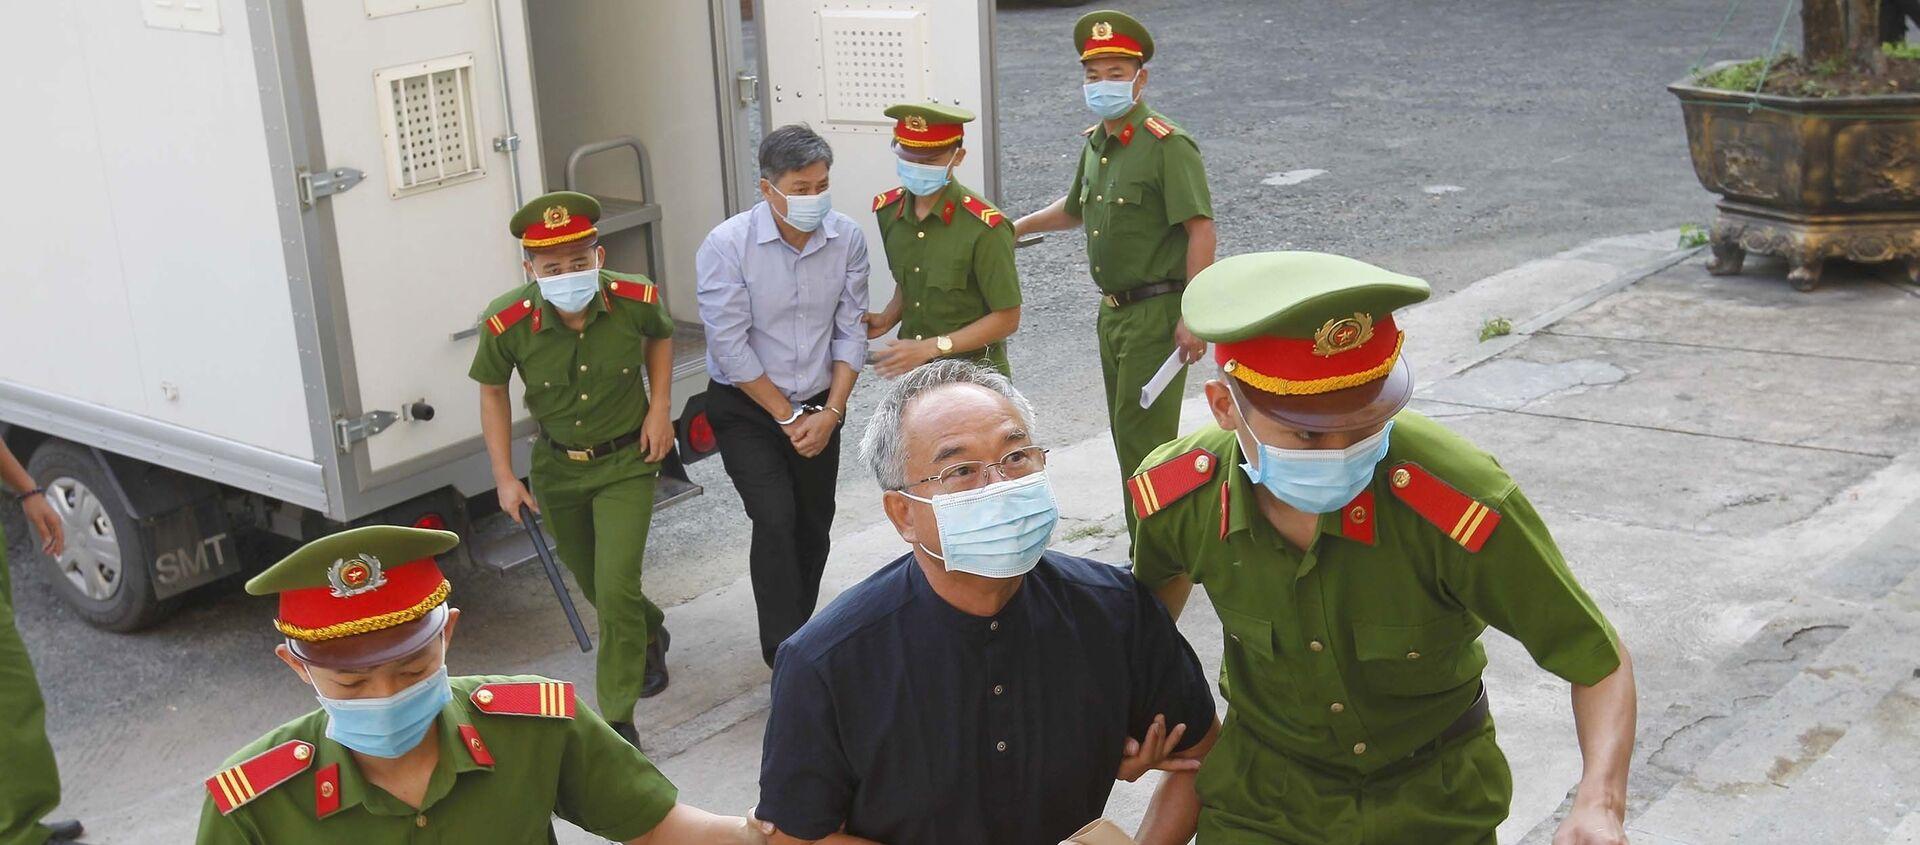 Bị cáo Nguyễn Thành Tài, nguyên Phó Chủ tịch UBND Thành phố Hồ Chí Minh được áp giải đến phiên tòa ngày 15/3.  - Sputnik Việt Nam, 1920, 15.03.2021